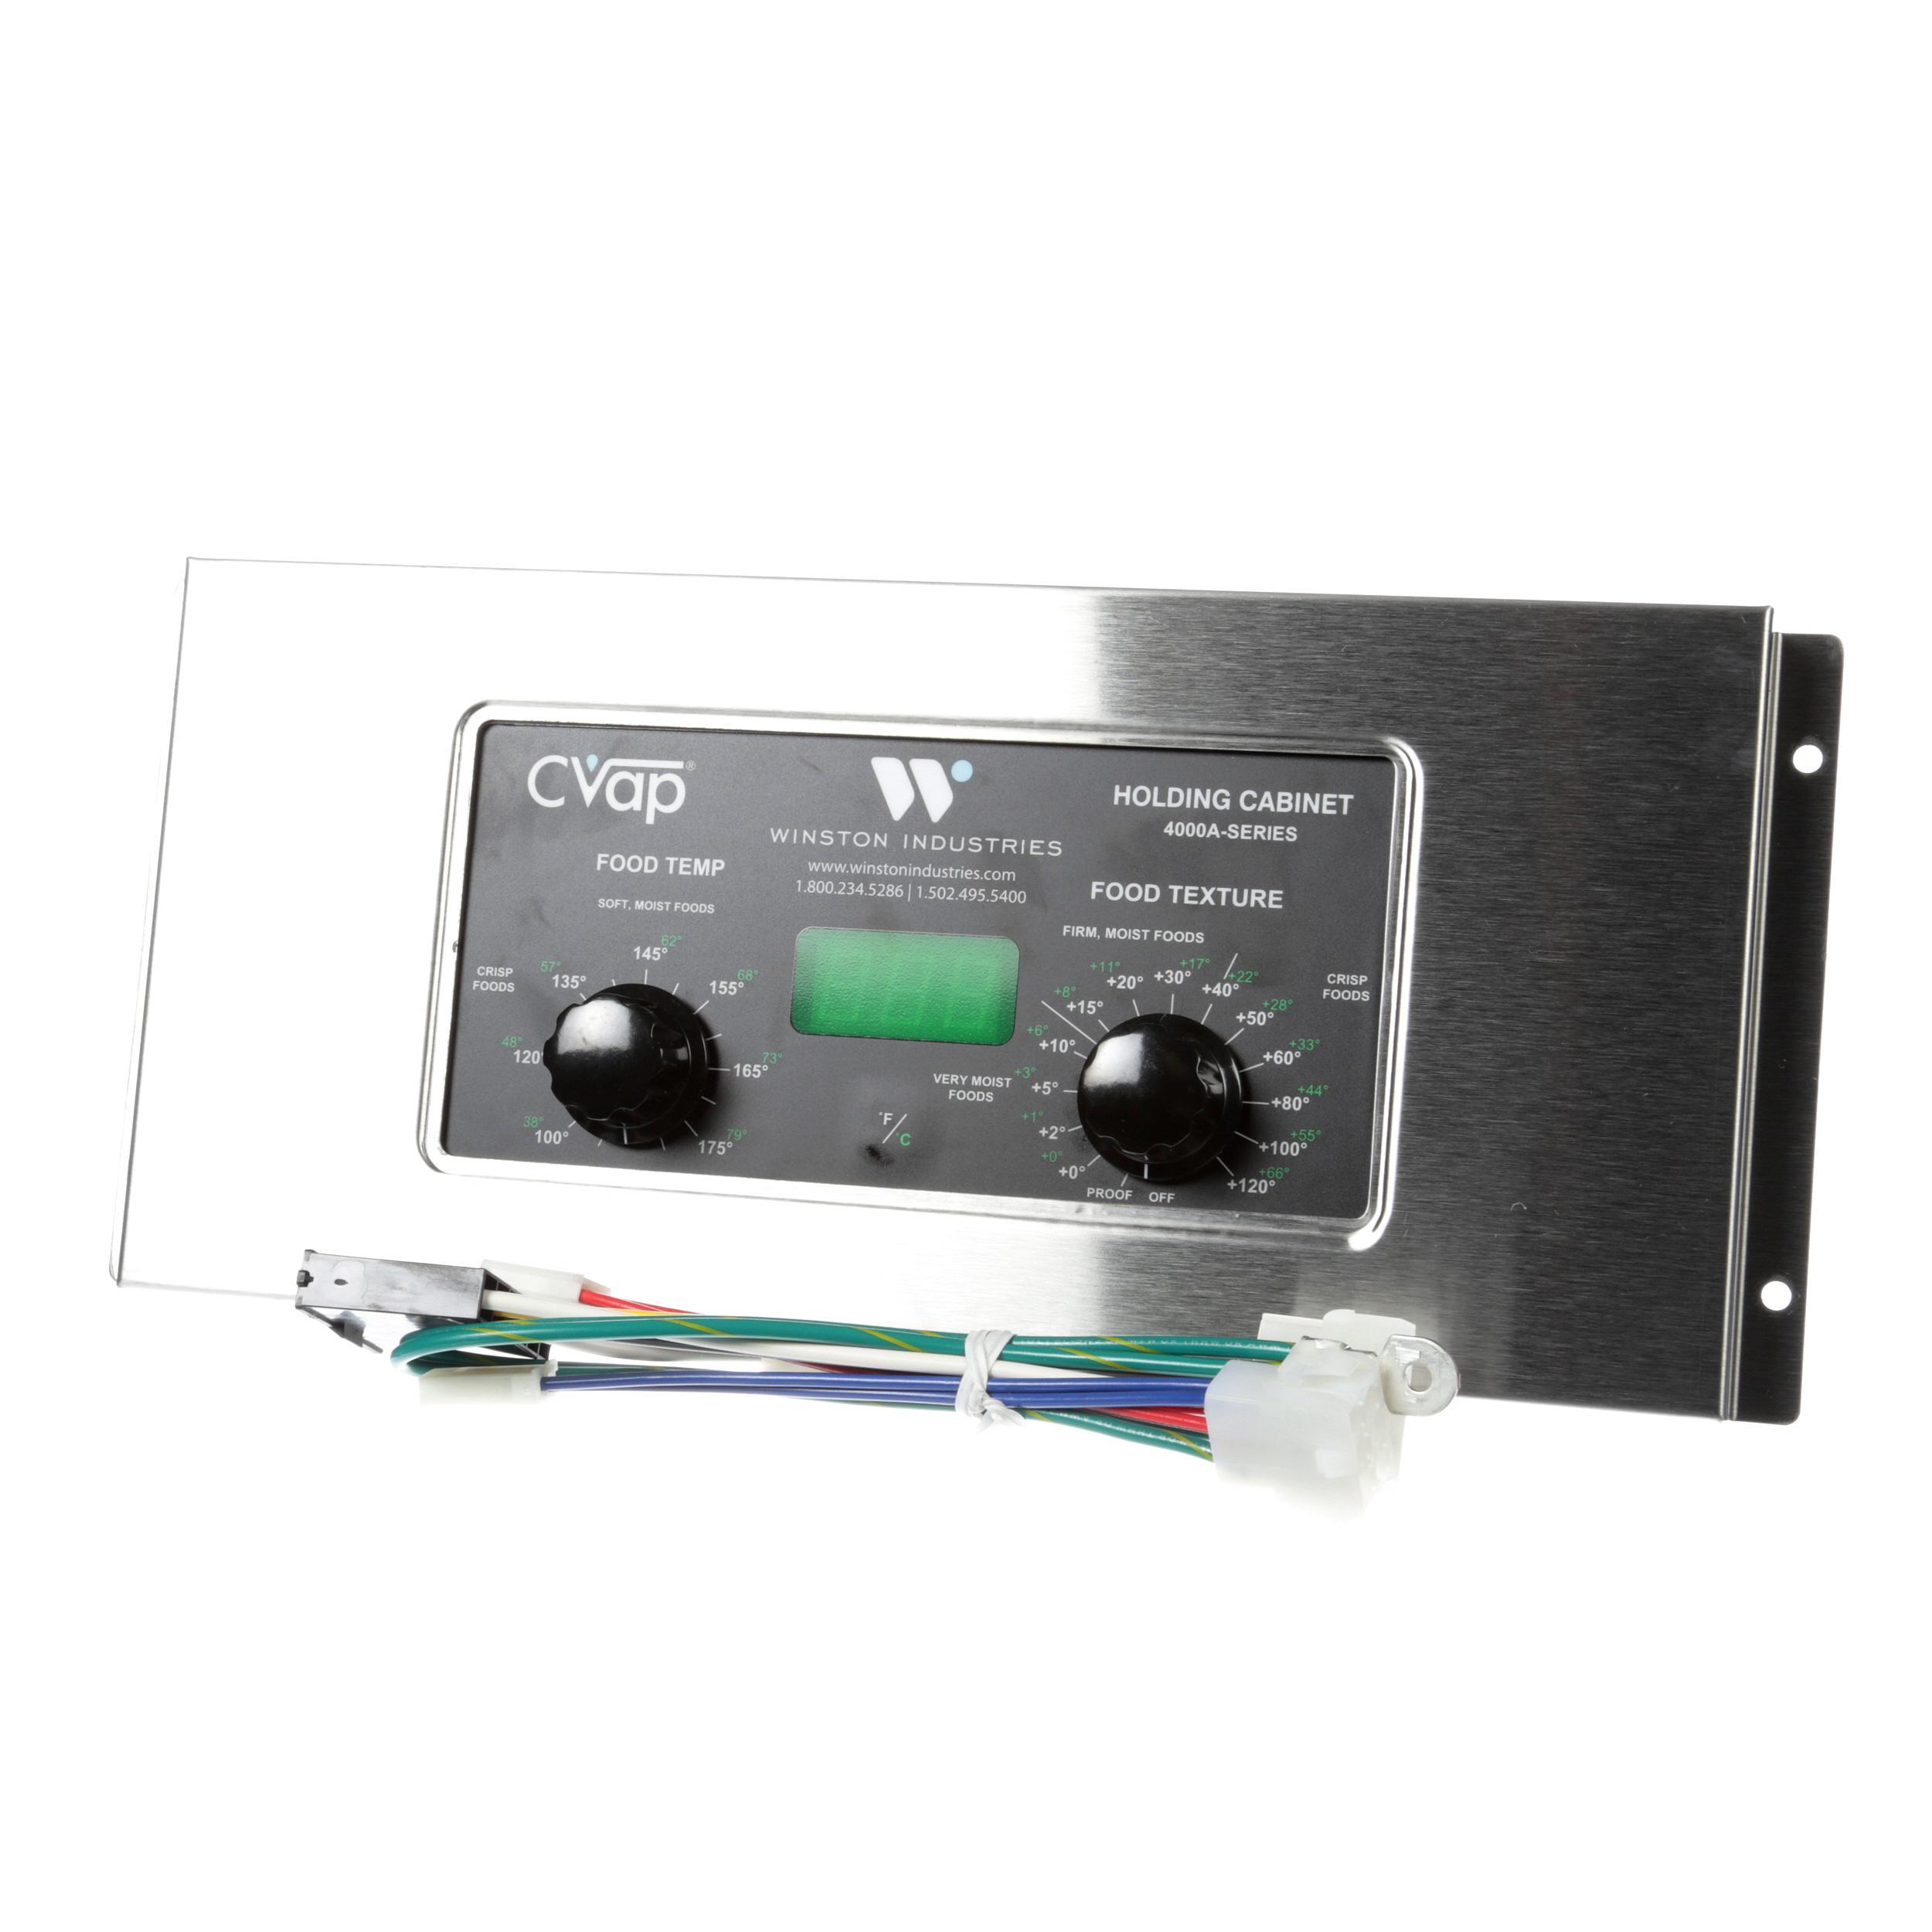 WINSTON RETROFIT CONTROLLER 45 TO A 120V